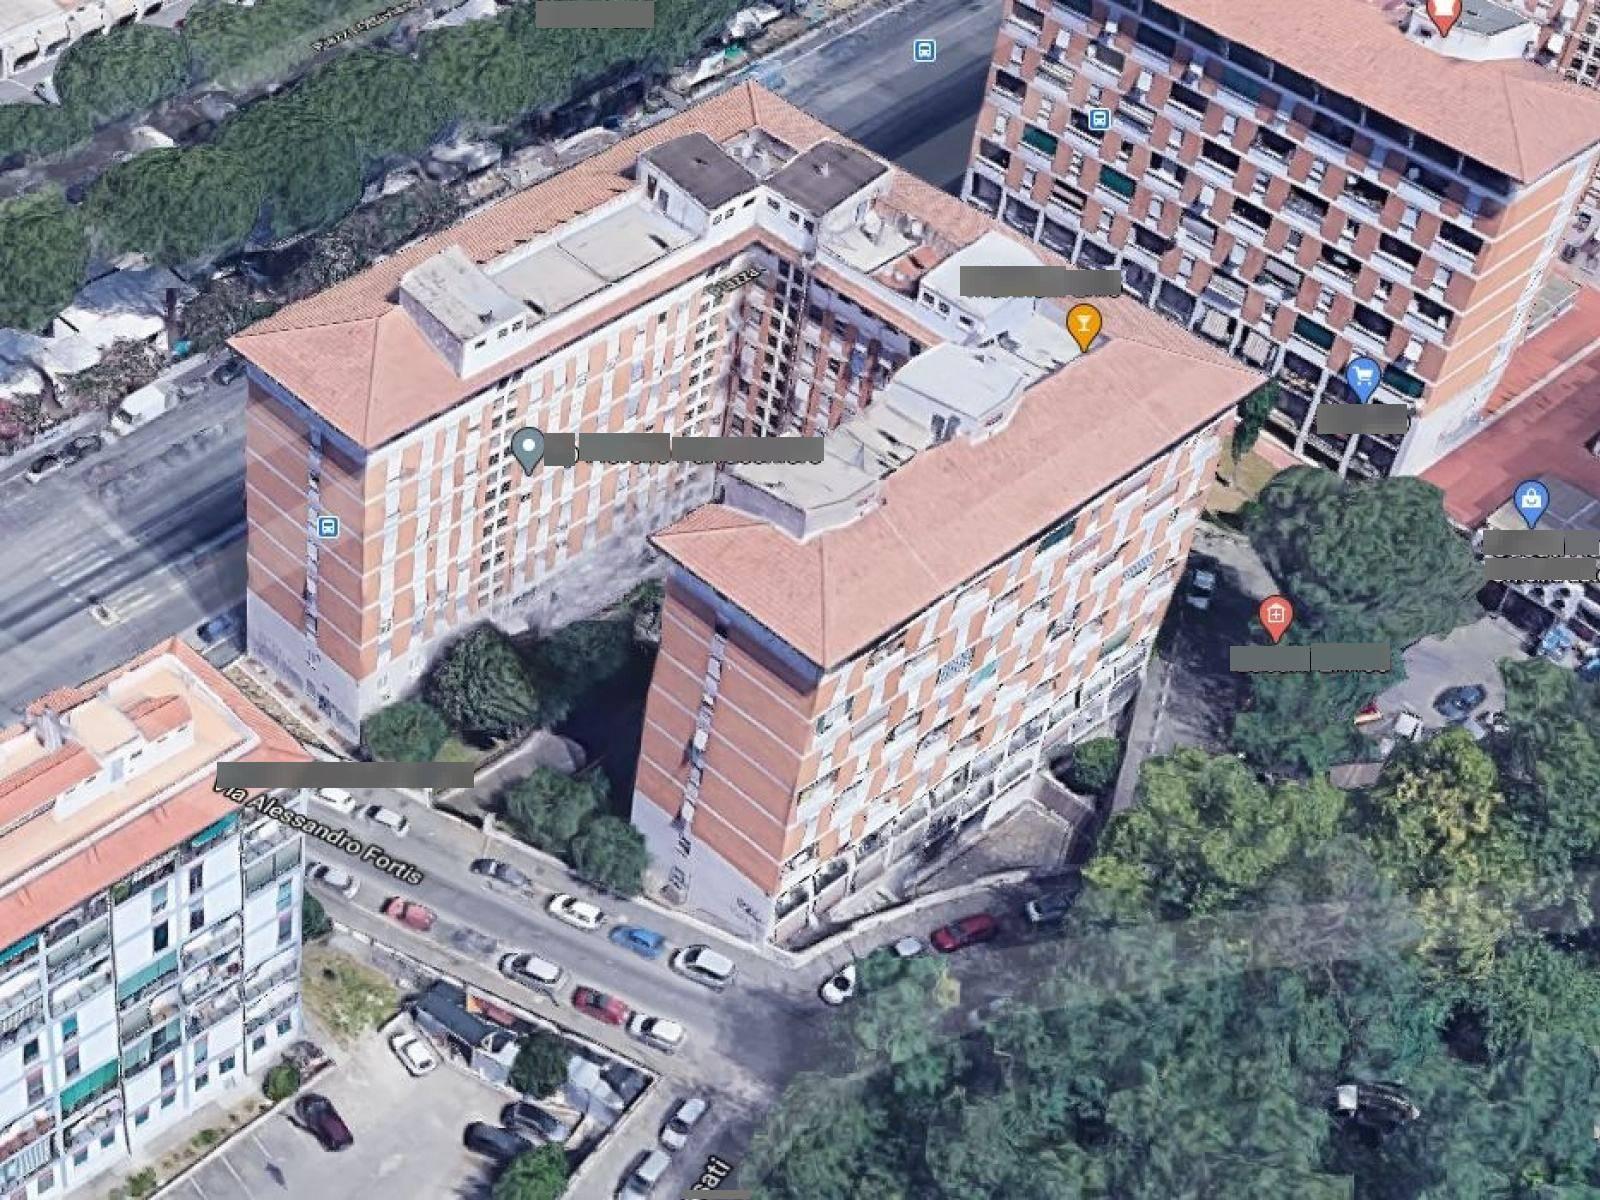 1118419200 Quadrilocale in Piazza Ottaviano Vimercati, Roma, Zona Nuovo Salario